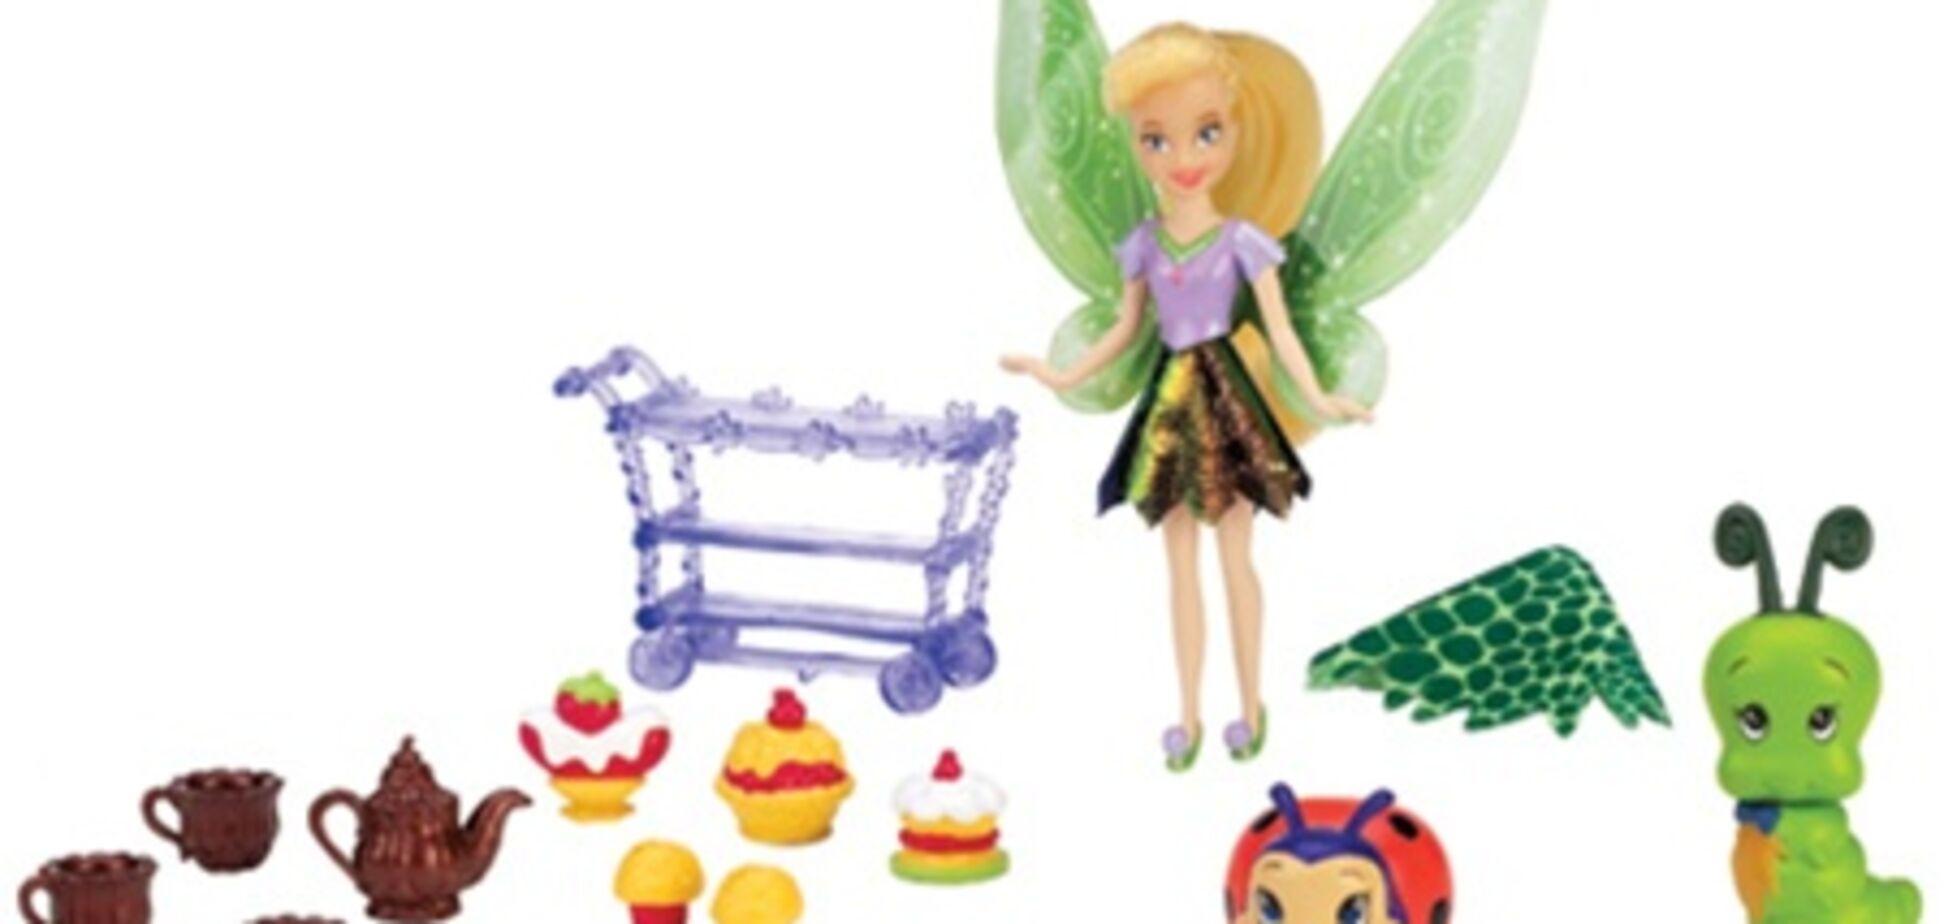 Какие куклы следует покупать девочкам?